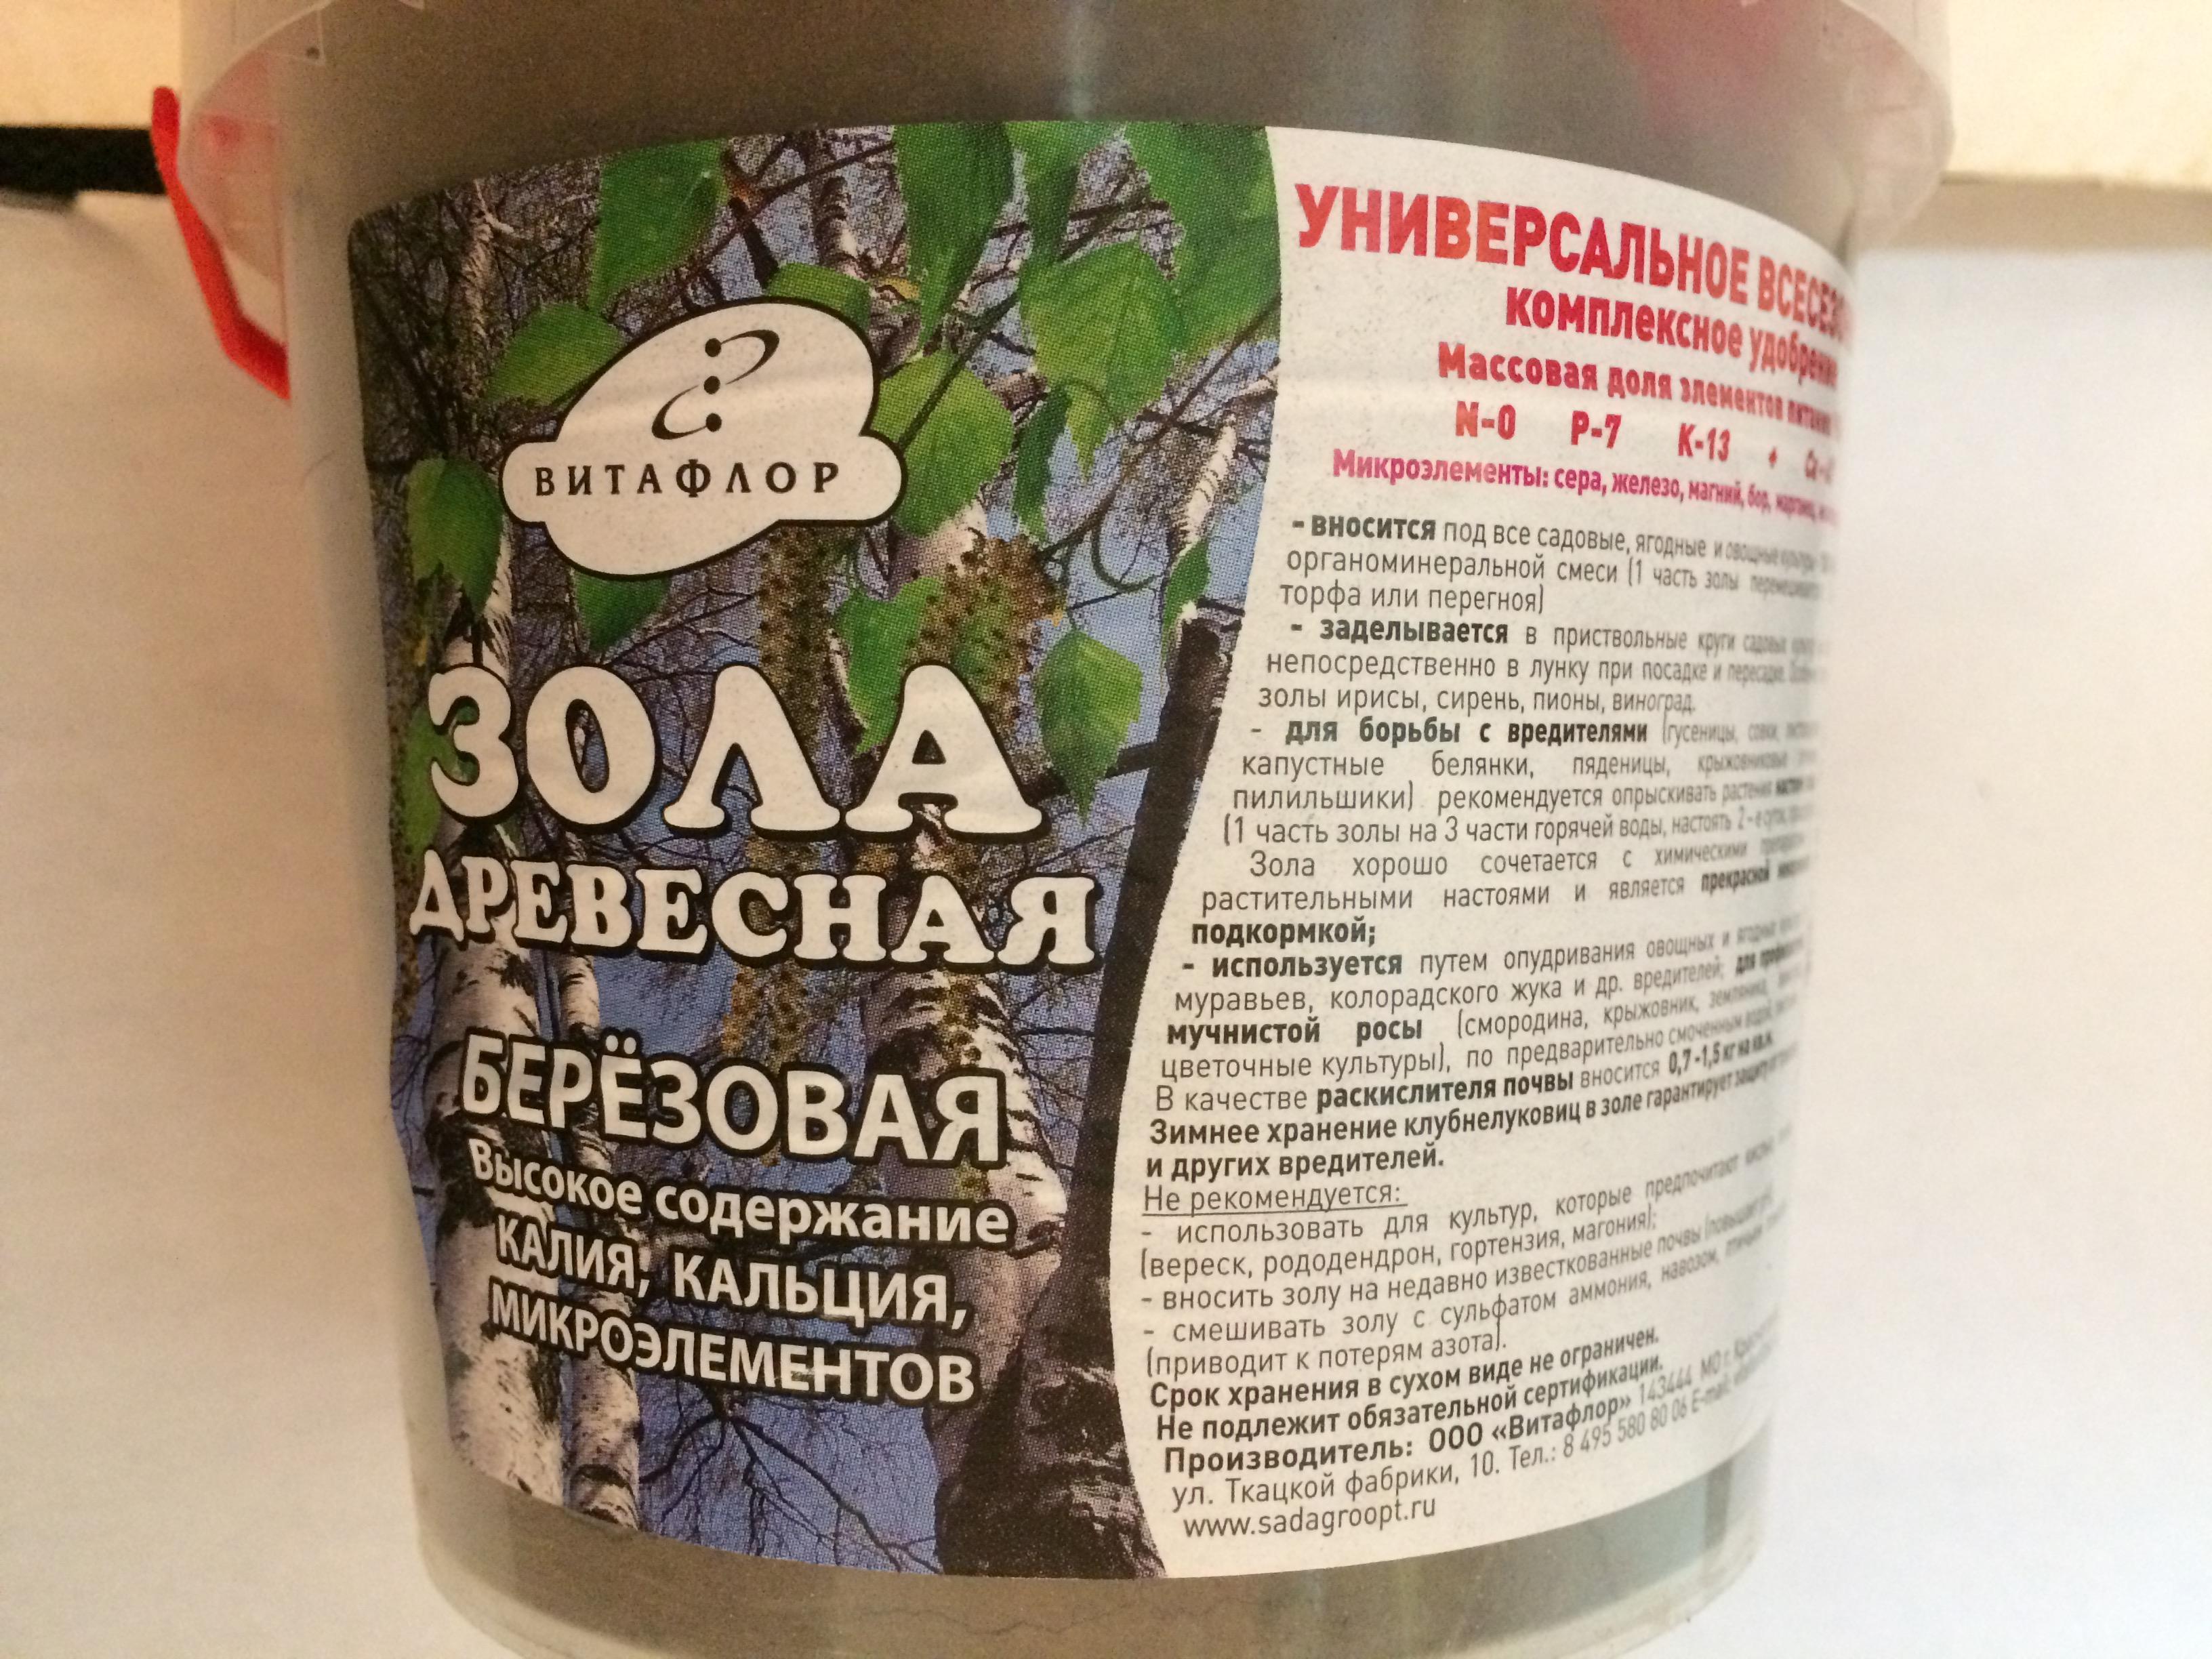 zola-drevesnaya